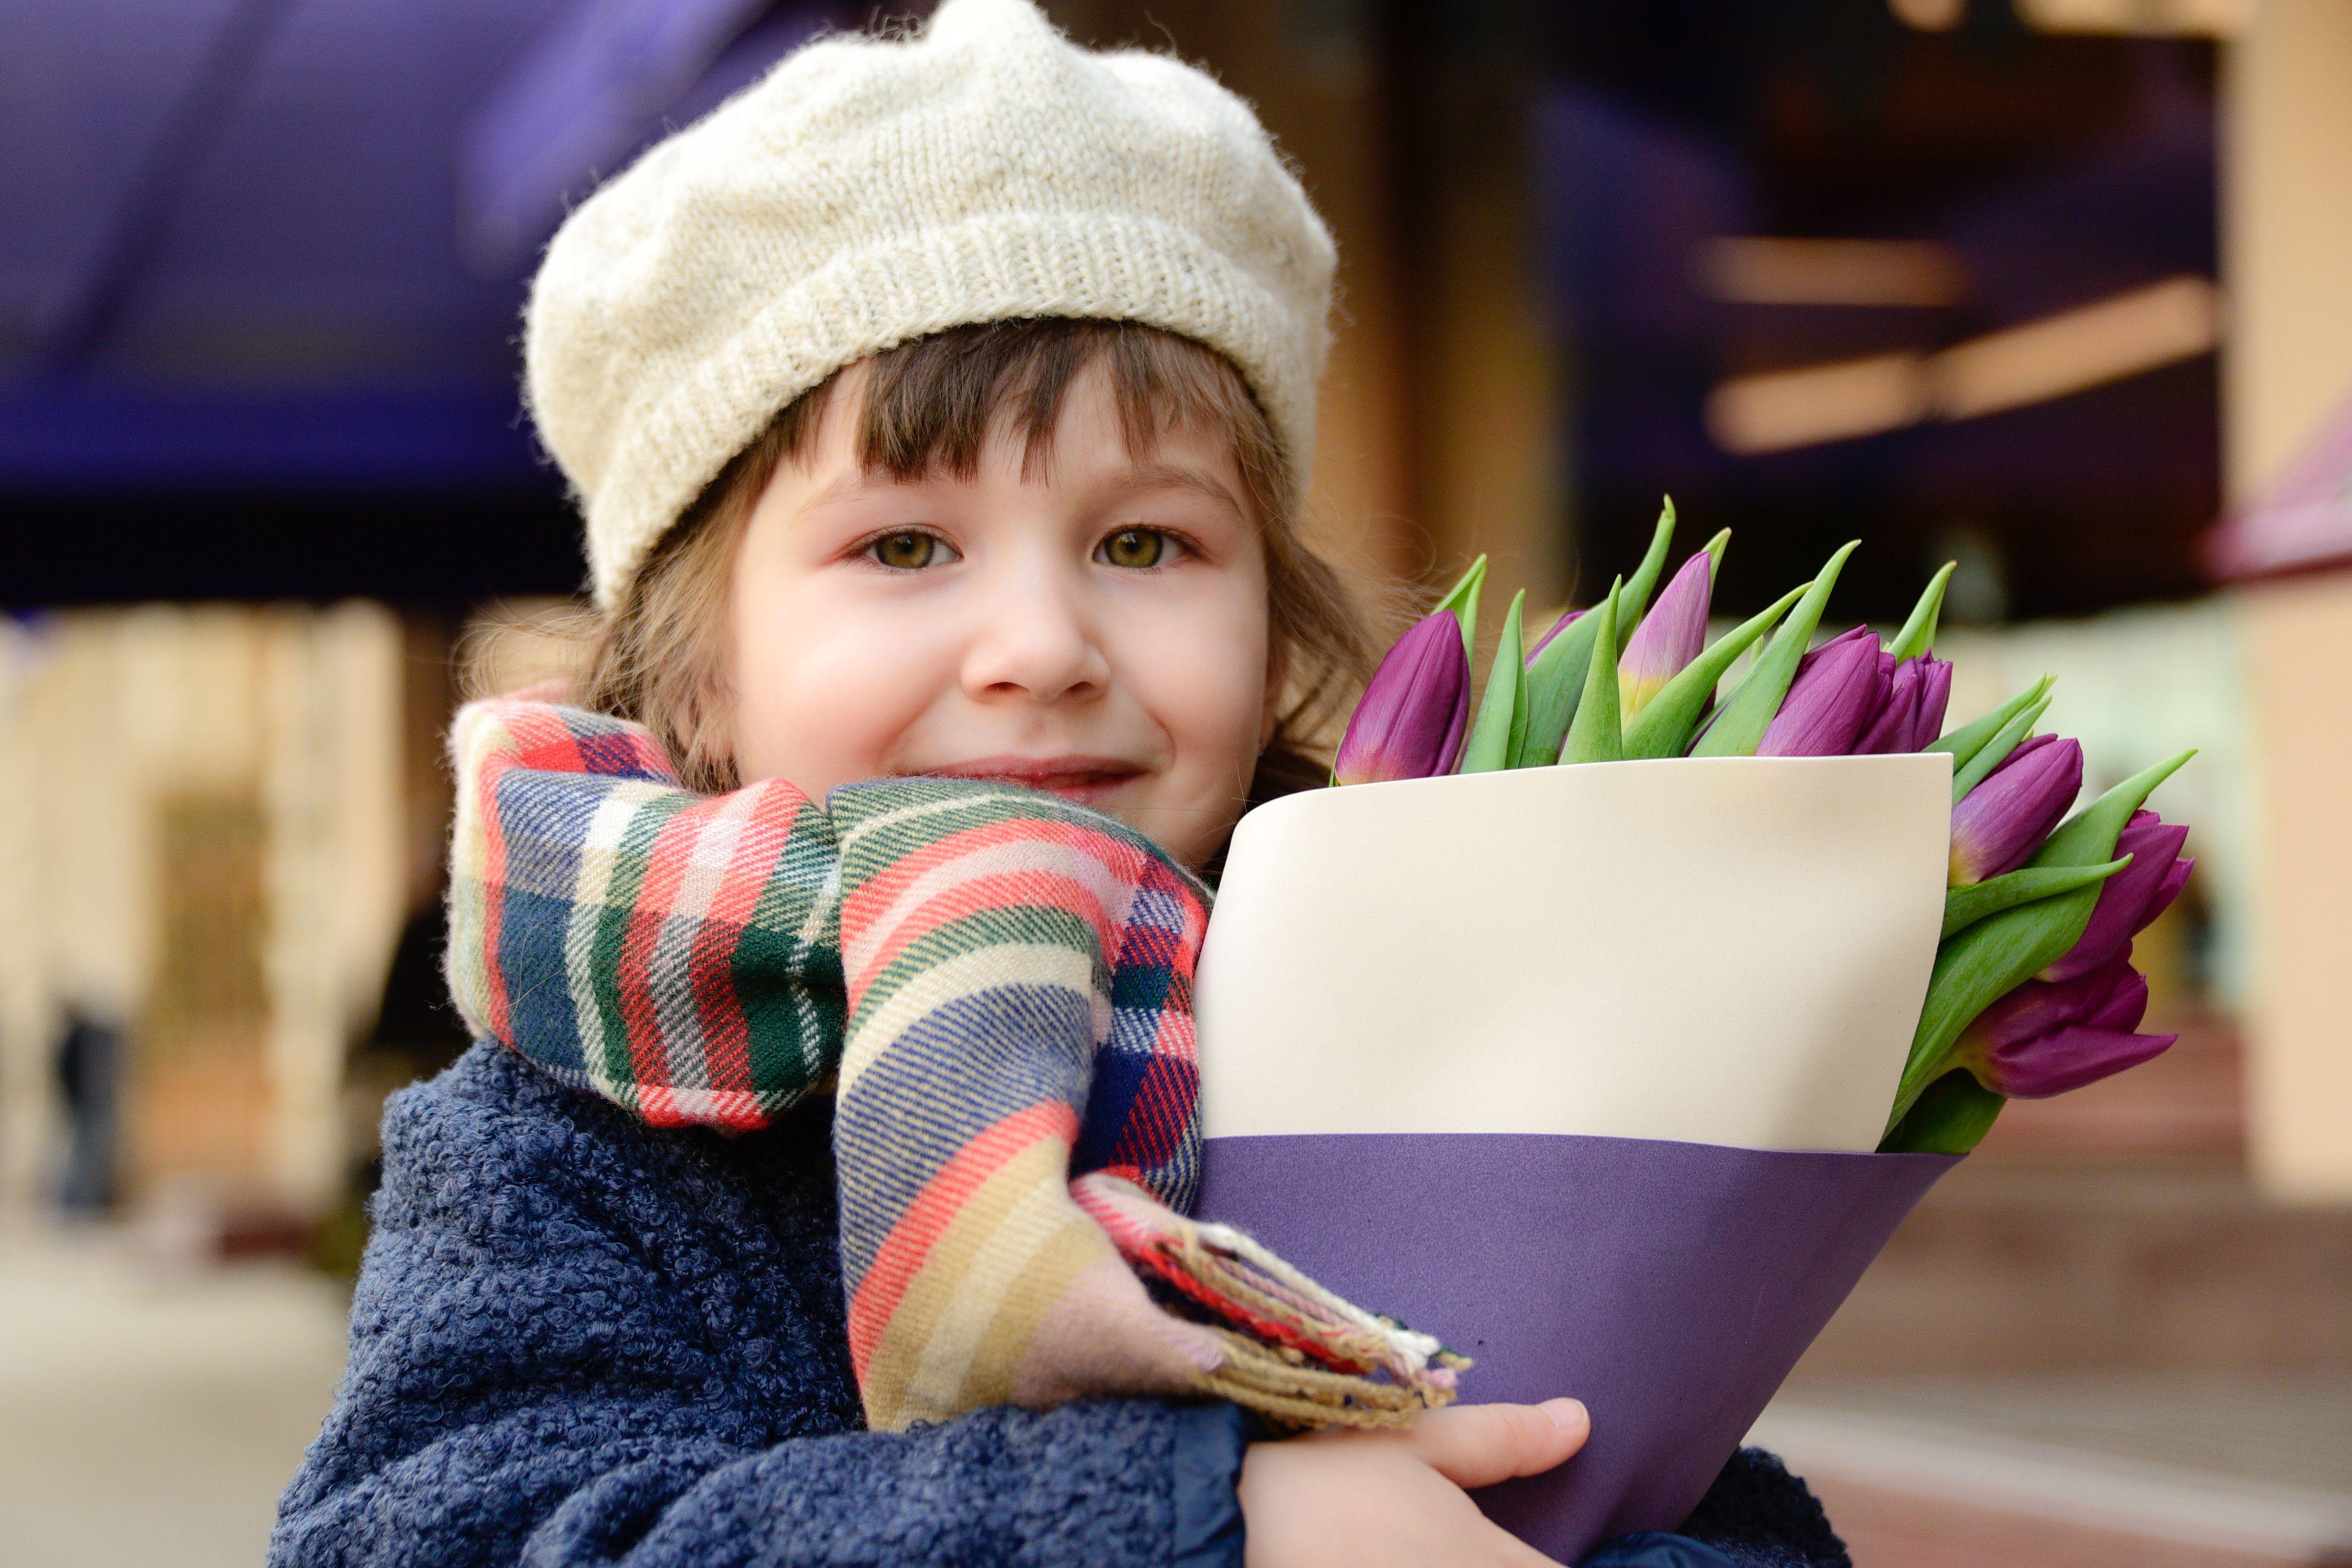 Мастер-класс «Маленькая модница» организуют для юных жительниц Щербинки